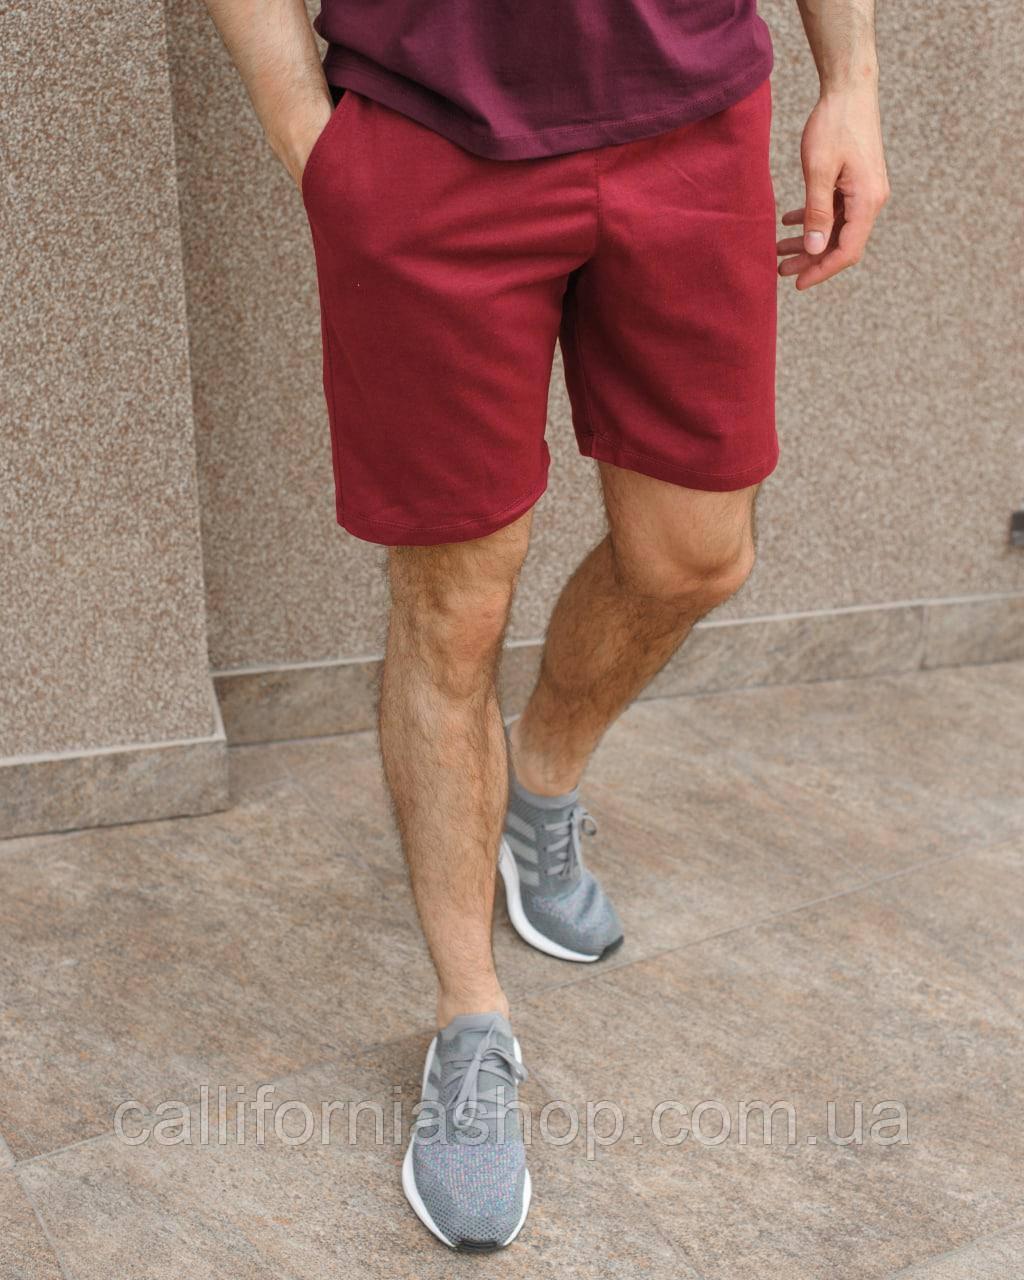 Шорти чоловічі тканинні бордові літні легкі